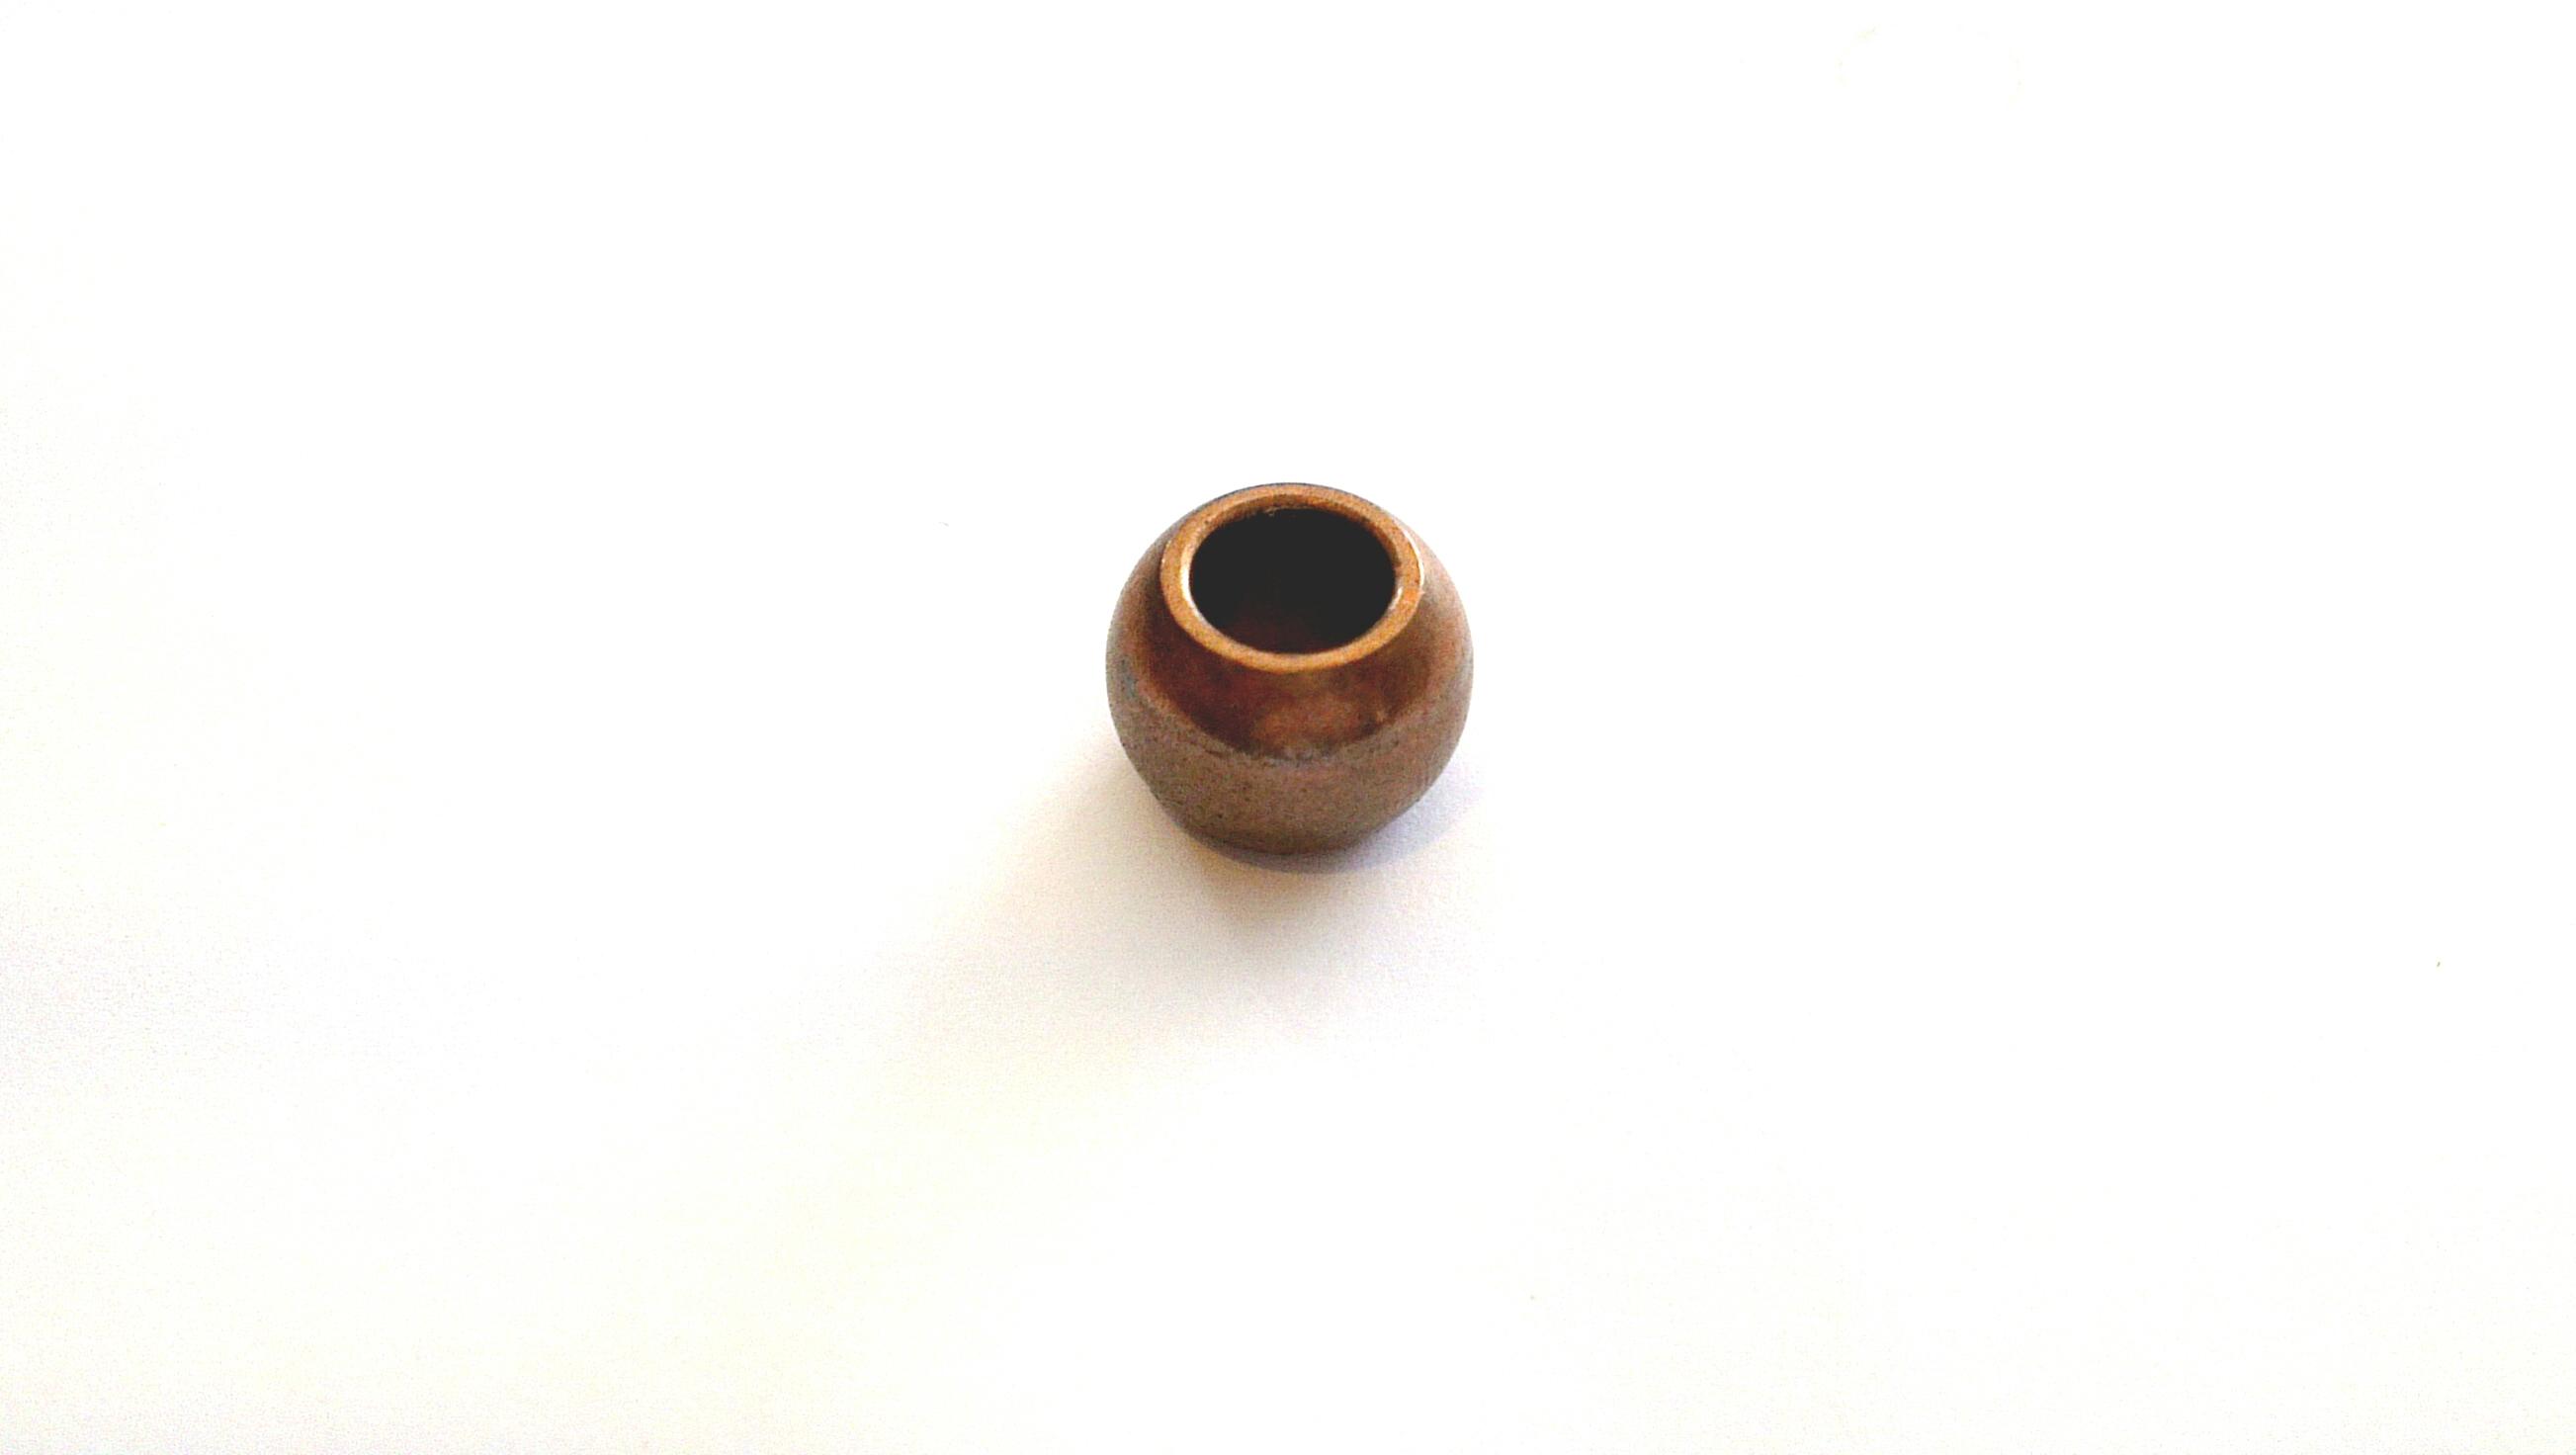 บูช พัดลม รูใน 8 มิล กลม-ไม่มีบ่า